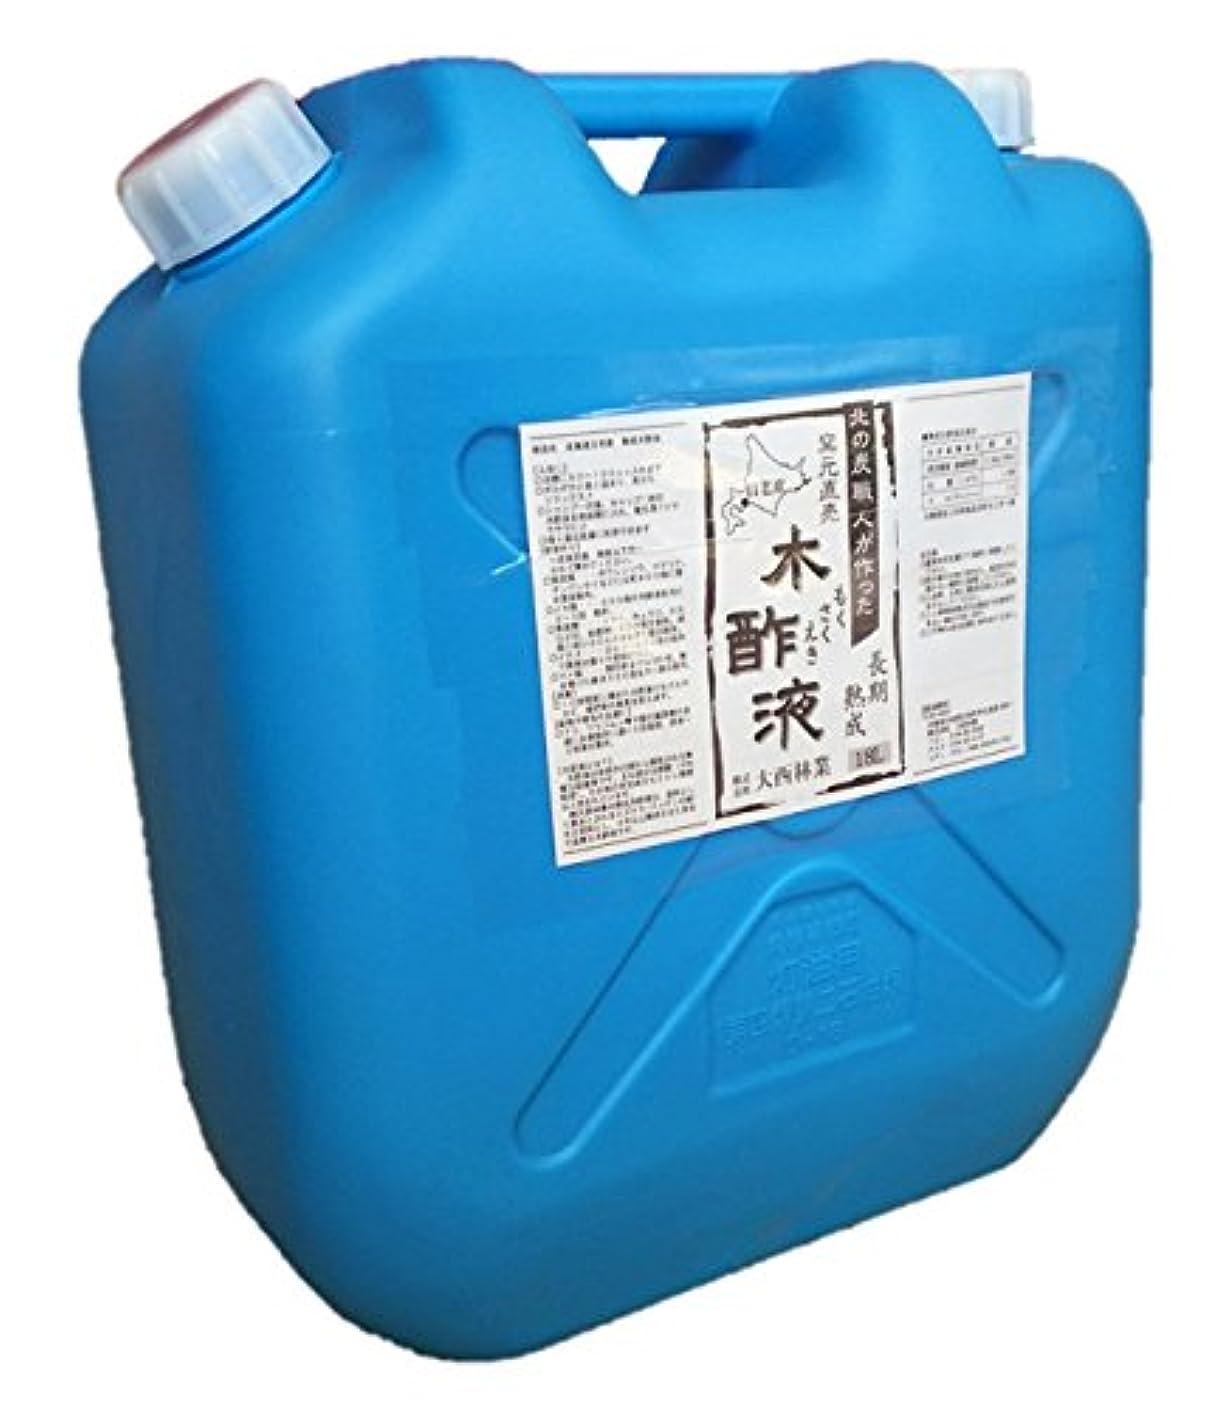 開発する正確なアフリカ熟成木酢液18L